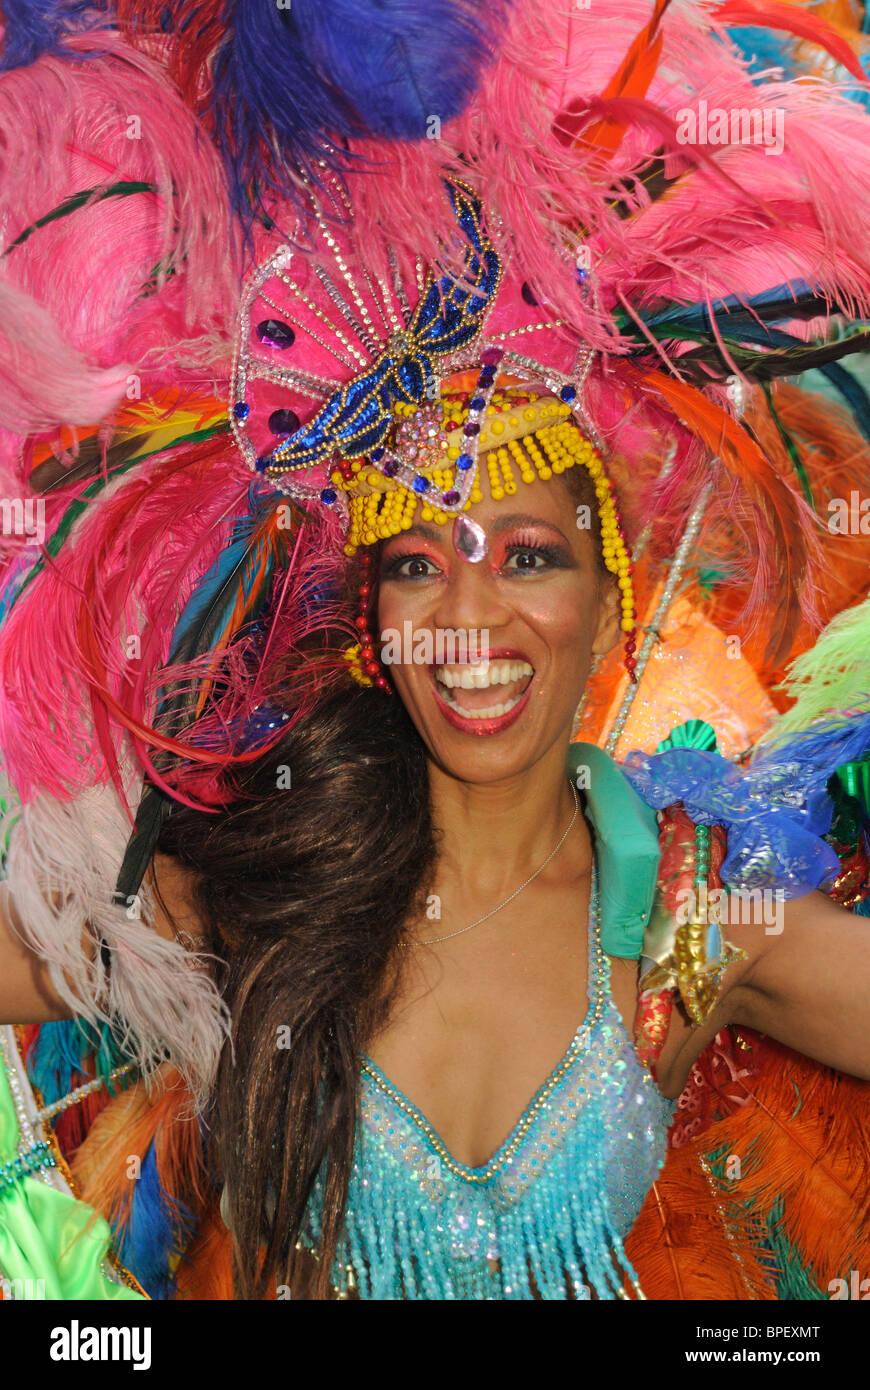 Brasilianische Samba-Tänzer. Sonia de Oliveira aus Sambaschule Amasonia, Karneval der Kulturen in Berlin, Deutschland, Stockbild